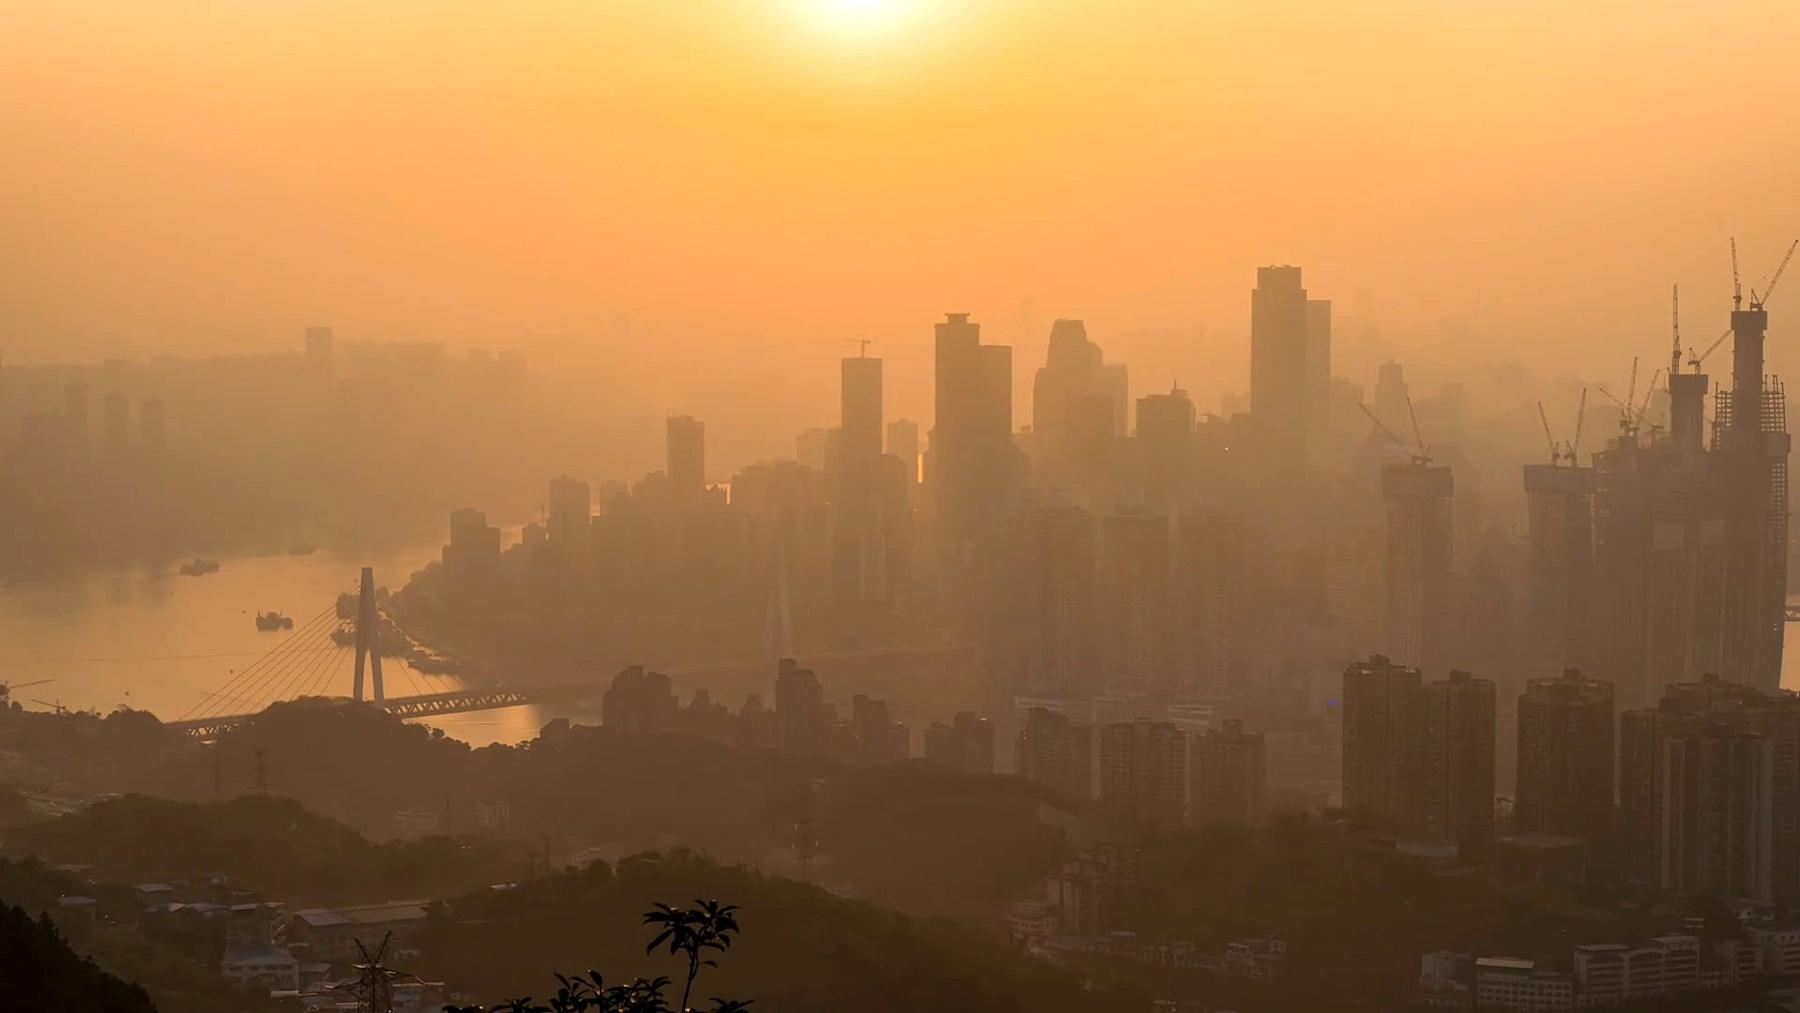 重庆城市天际线日夜流逝